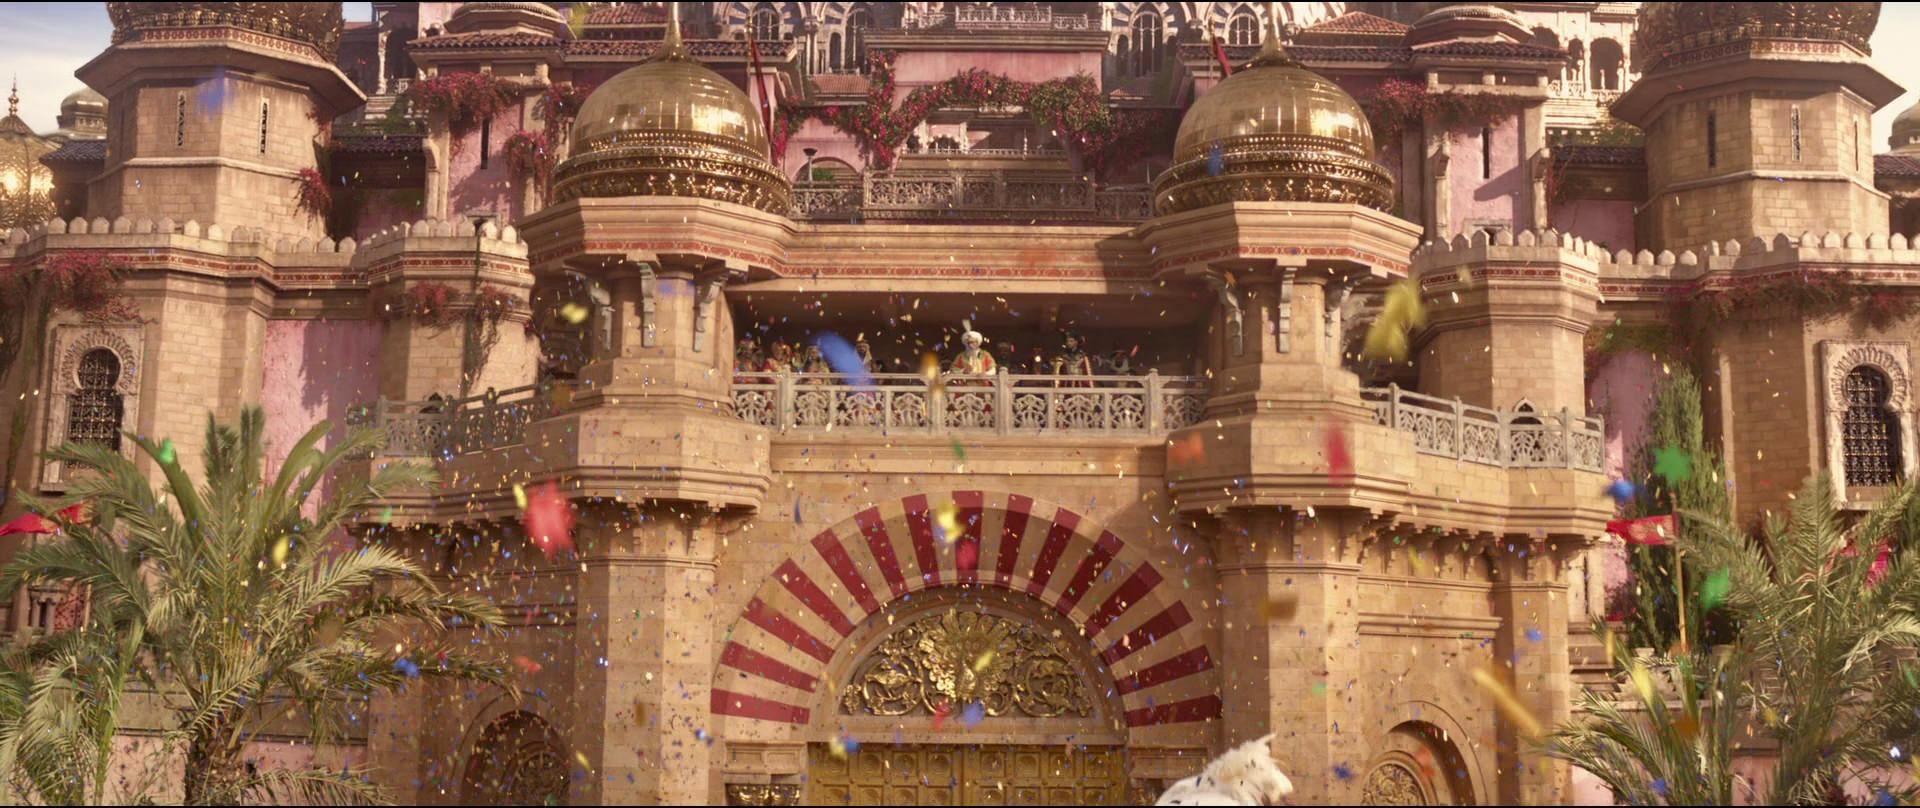 Aladdin (2019) Animation Screencaps in 2020 Aladdin